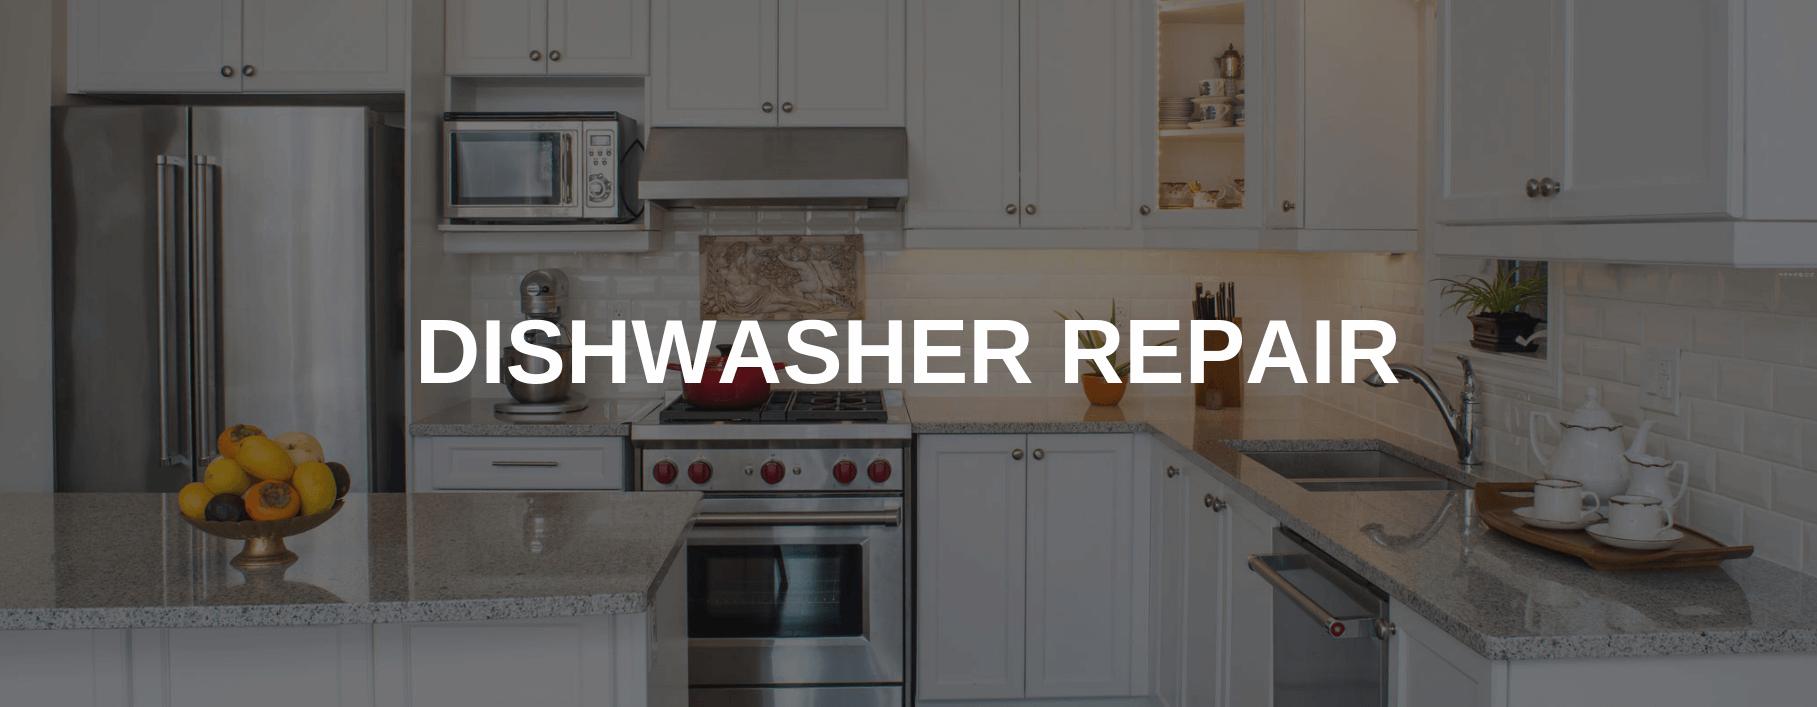 dishwasher repair east hartford